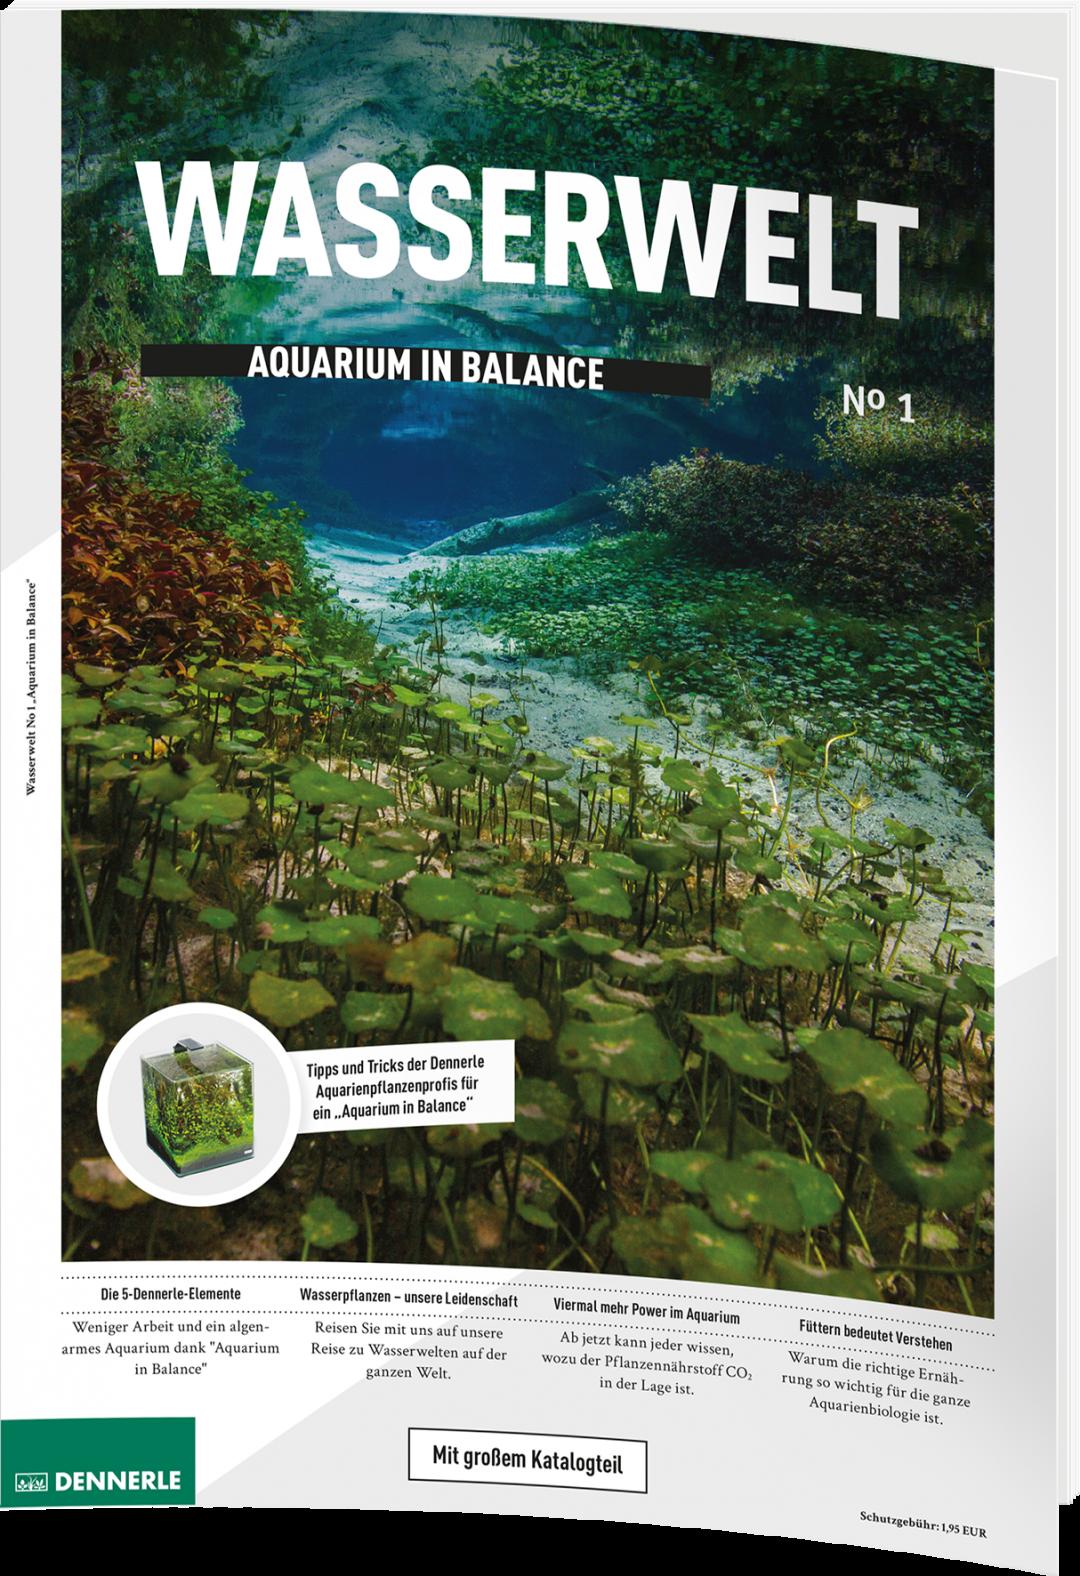 Wasserwelt fast kostenlos: Dennerle vereint Magazin und Katalog zu einem Ratgeber